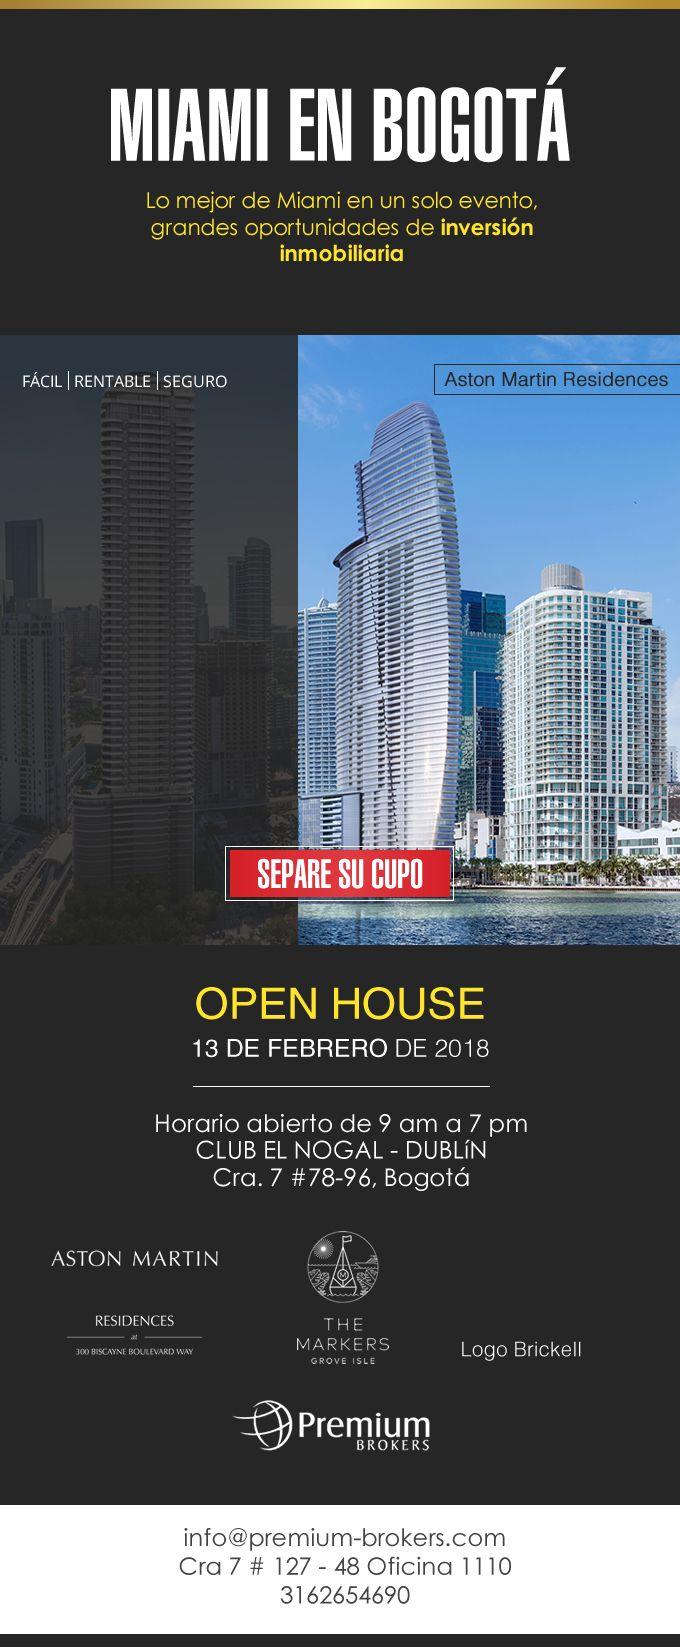 #NOVOCLICK ESTA CON #PremiumBrokers #Miami #ProyectosInmobiliarios #Inversión